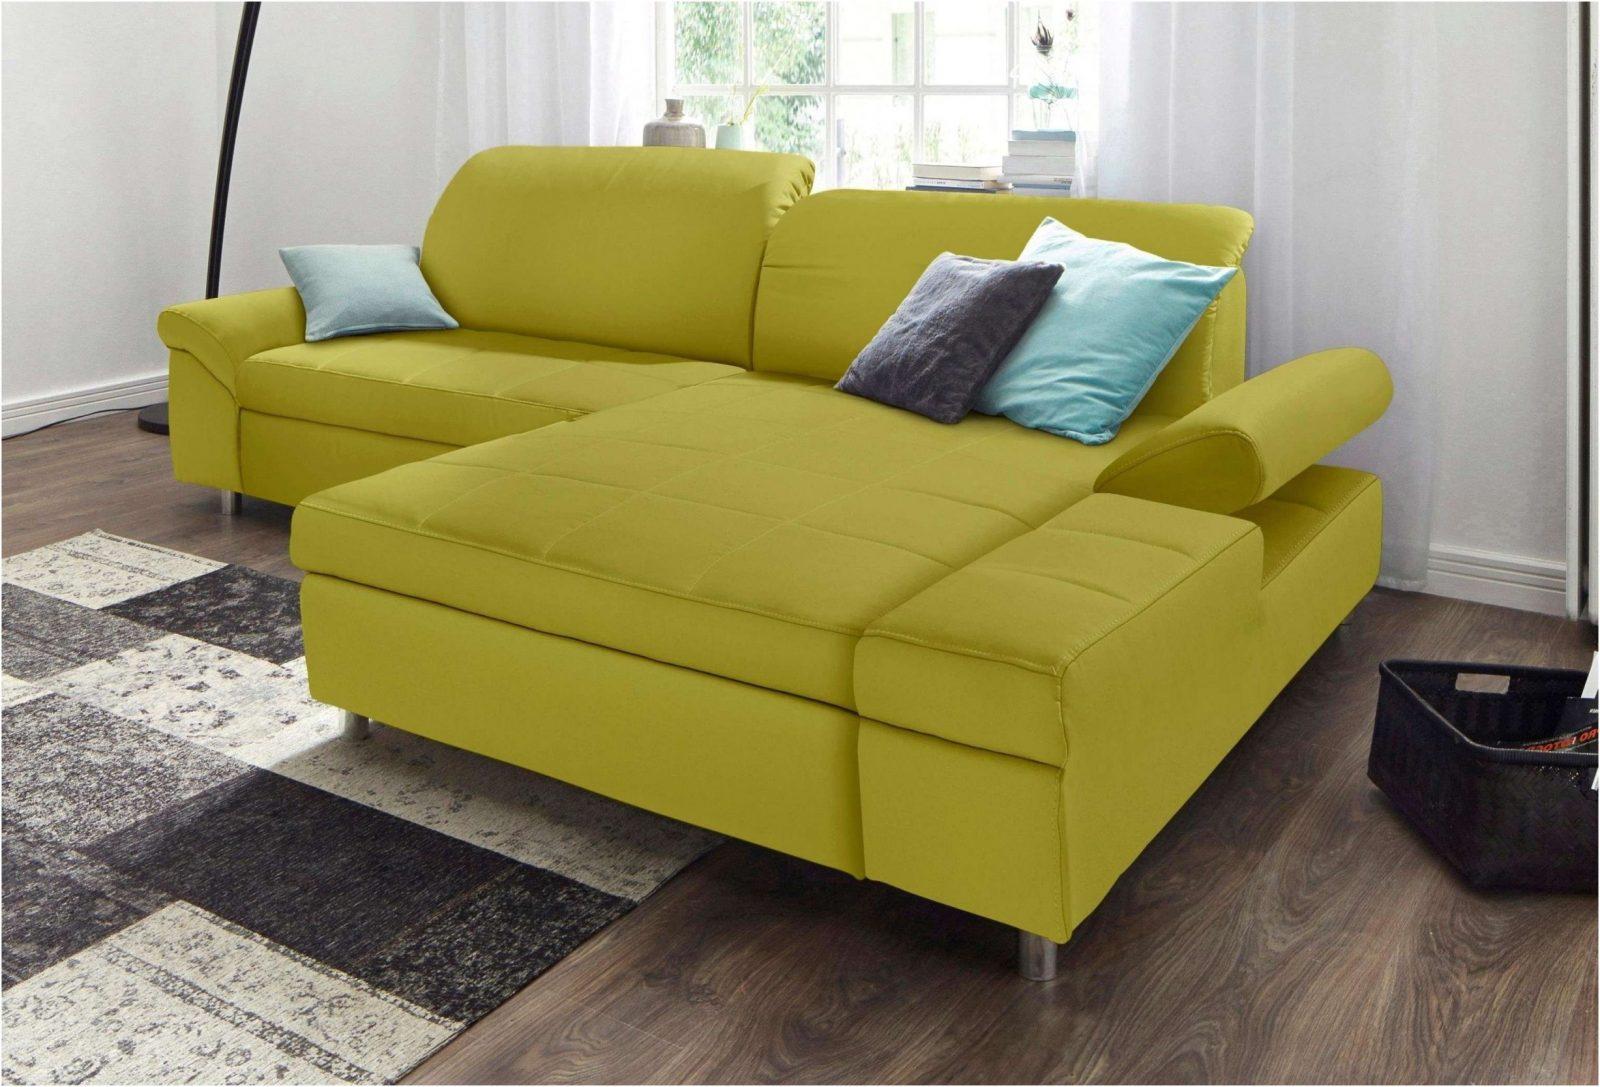 Ankündigung Sofa Selbst Beziehen Sessel Trendy Sie Ihr von Sofa Selbst Neu Beziehen Photo